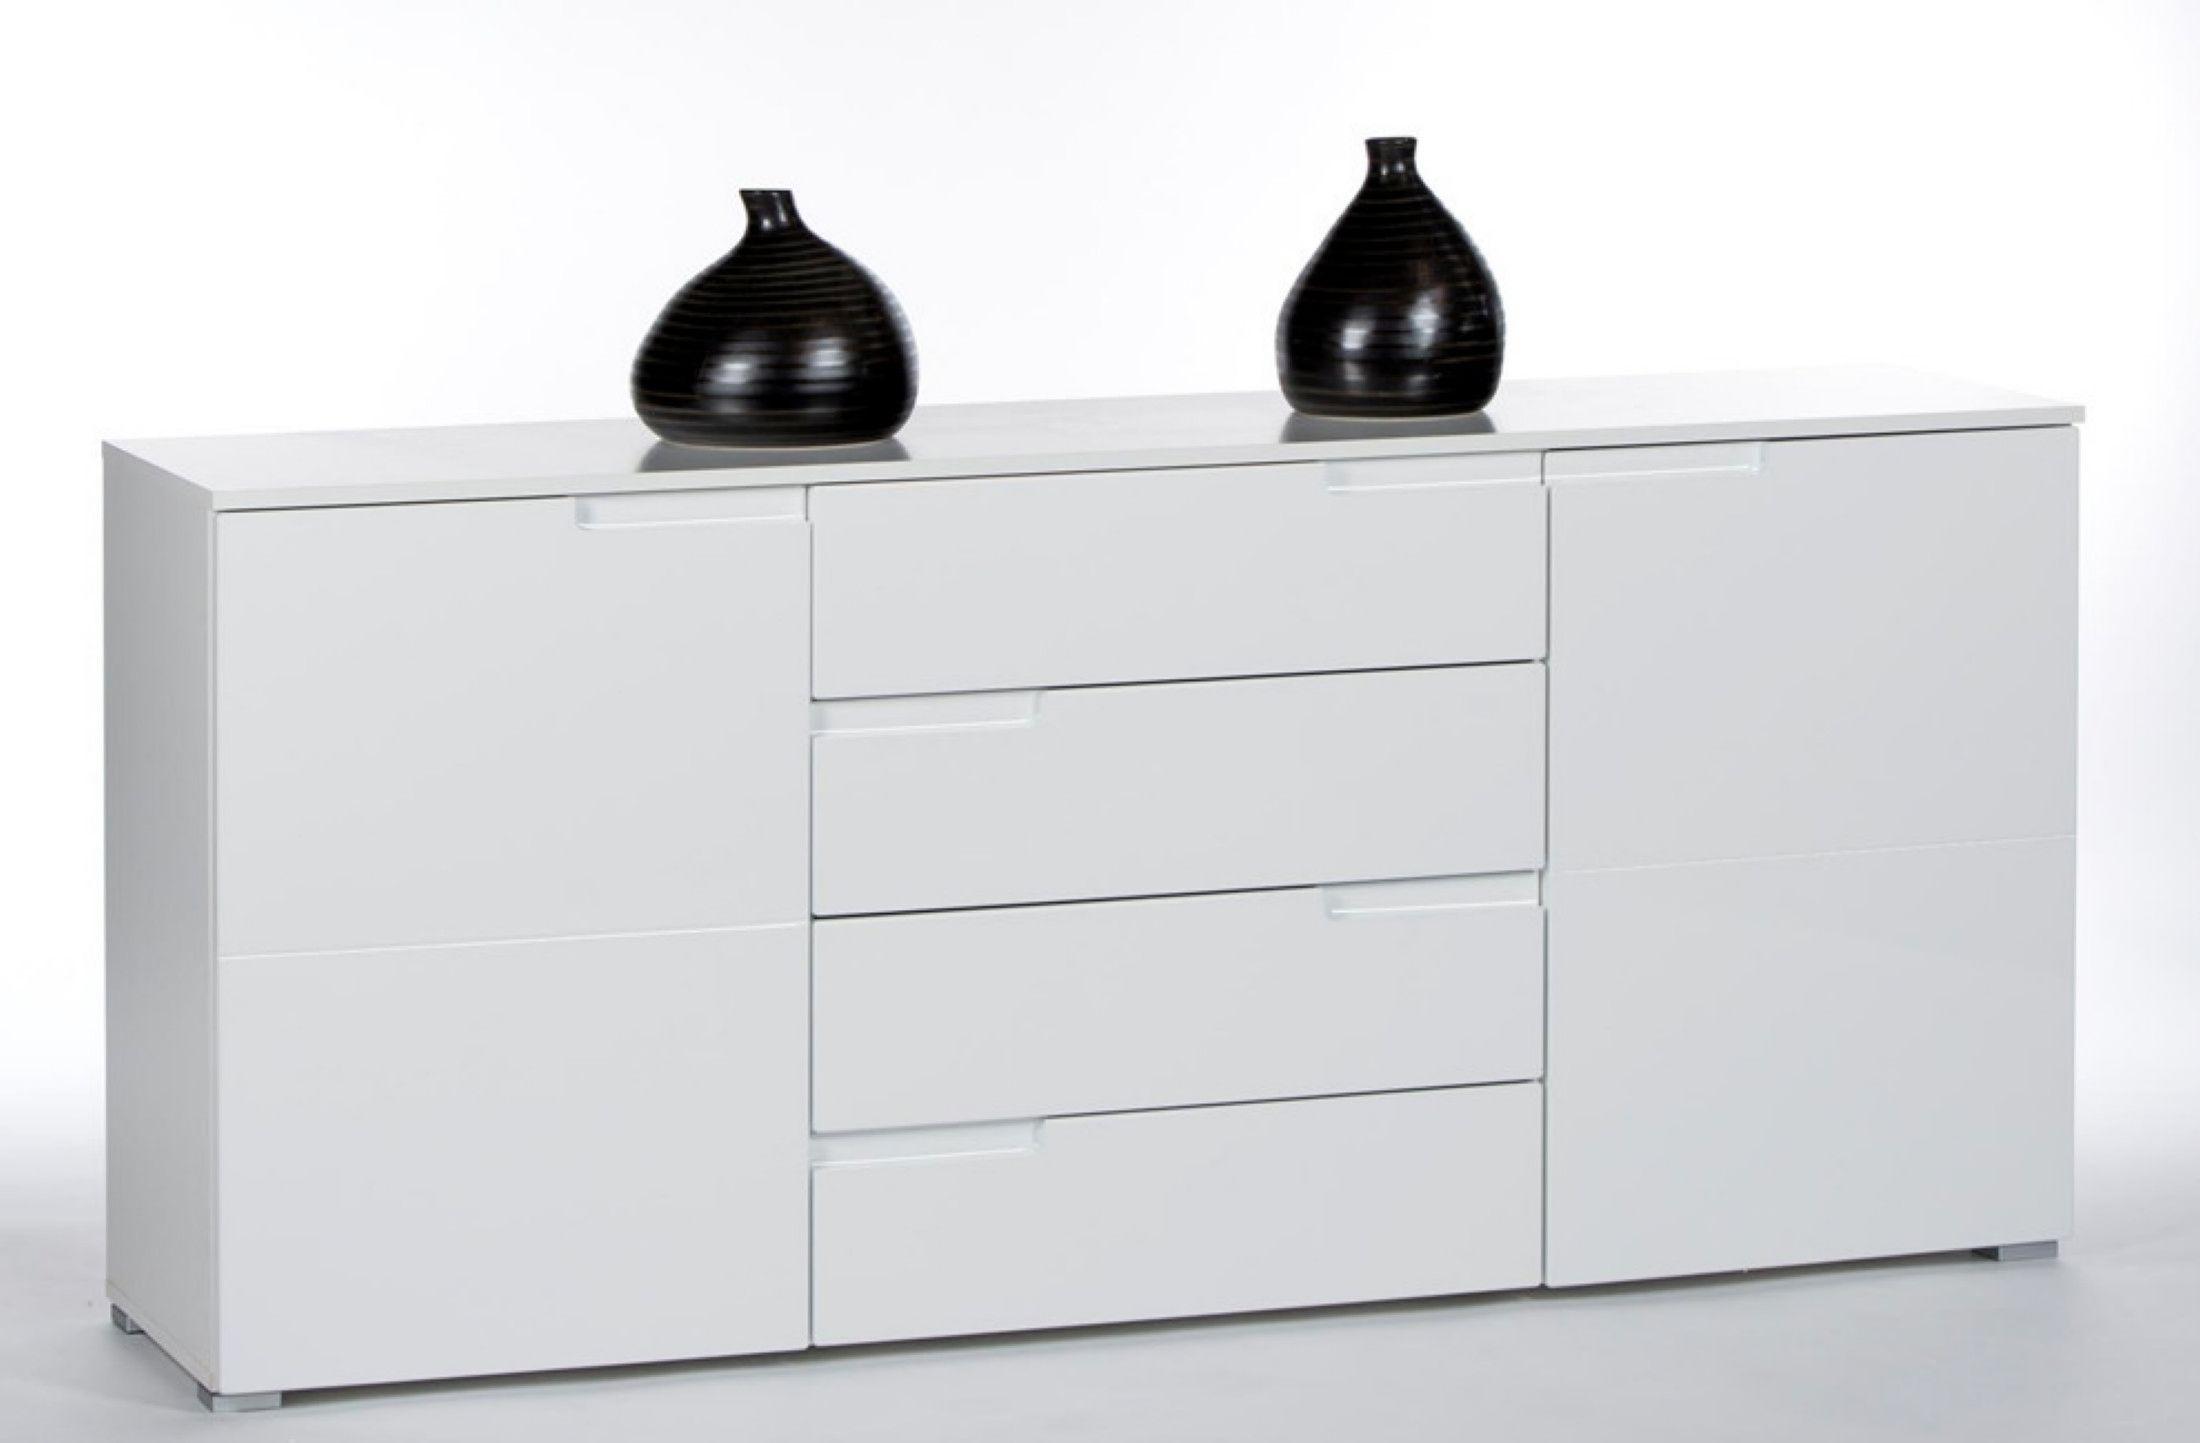 Nett kommode wohnzimmer | Deutsche Deko | Pinterest